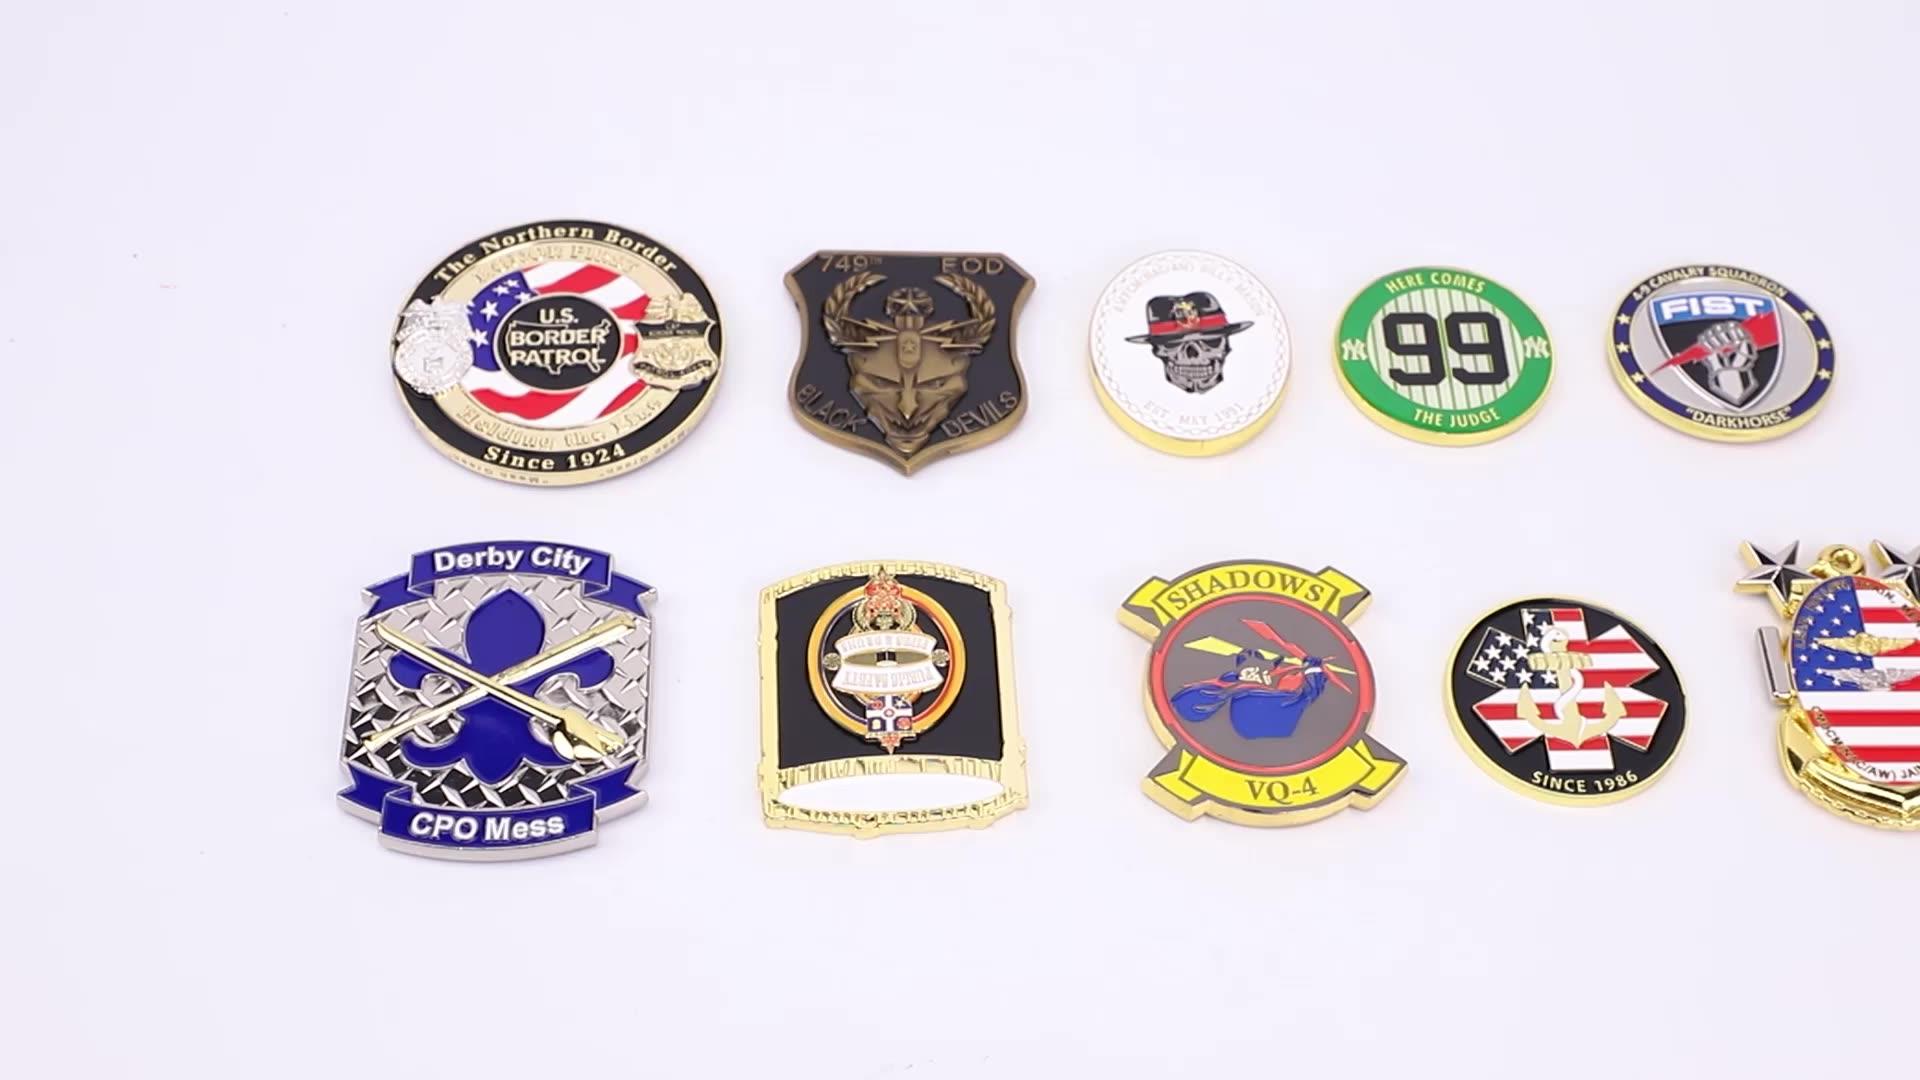 Производитель Китай производитель нет минимального изготовленный на заказ металл антикварный сувенир золотистыми латунными зубцами и военная военно-морская серебро 3D золотых монет с логотипом